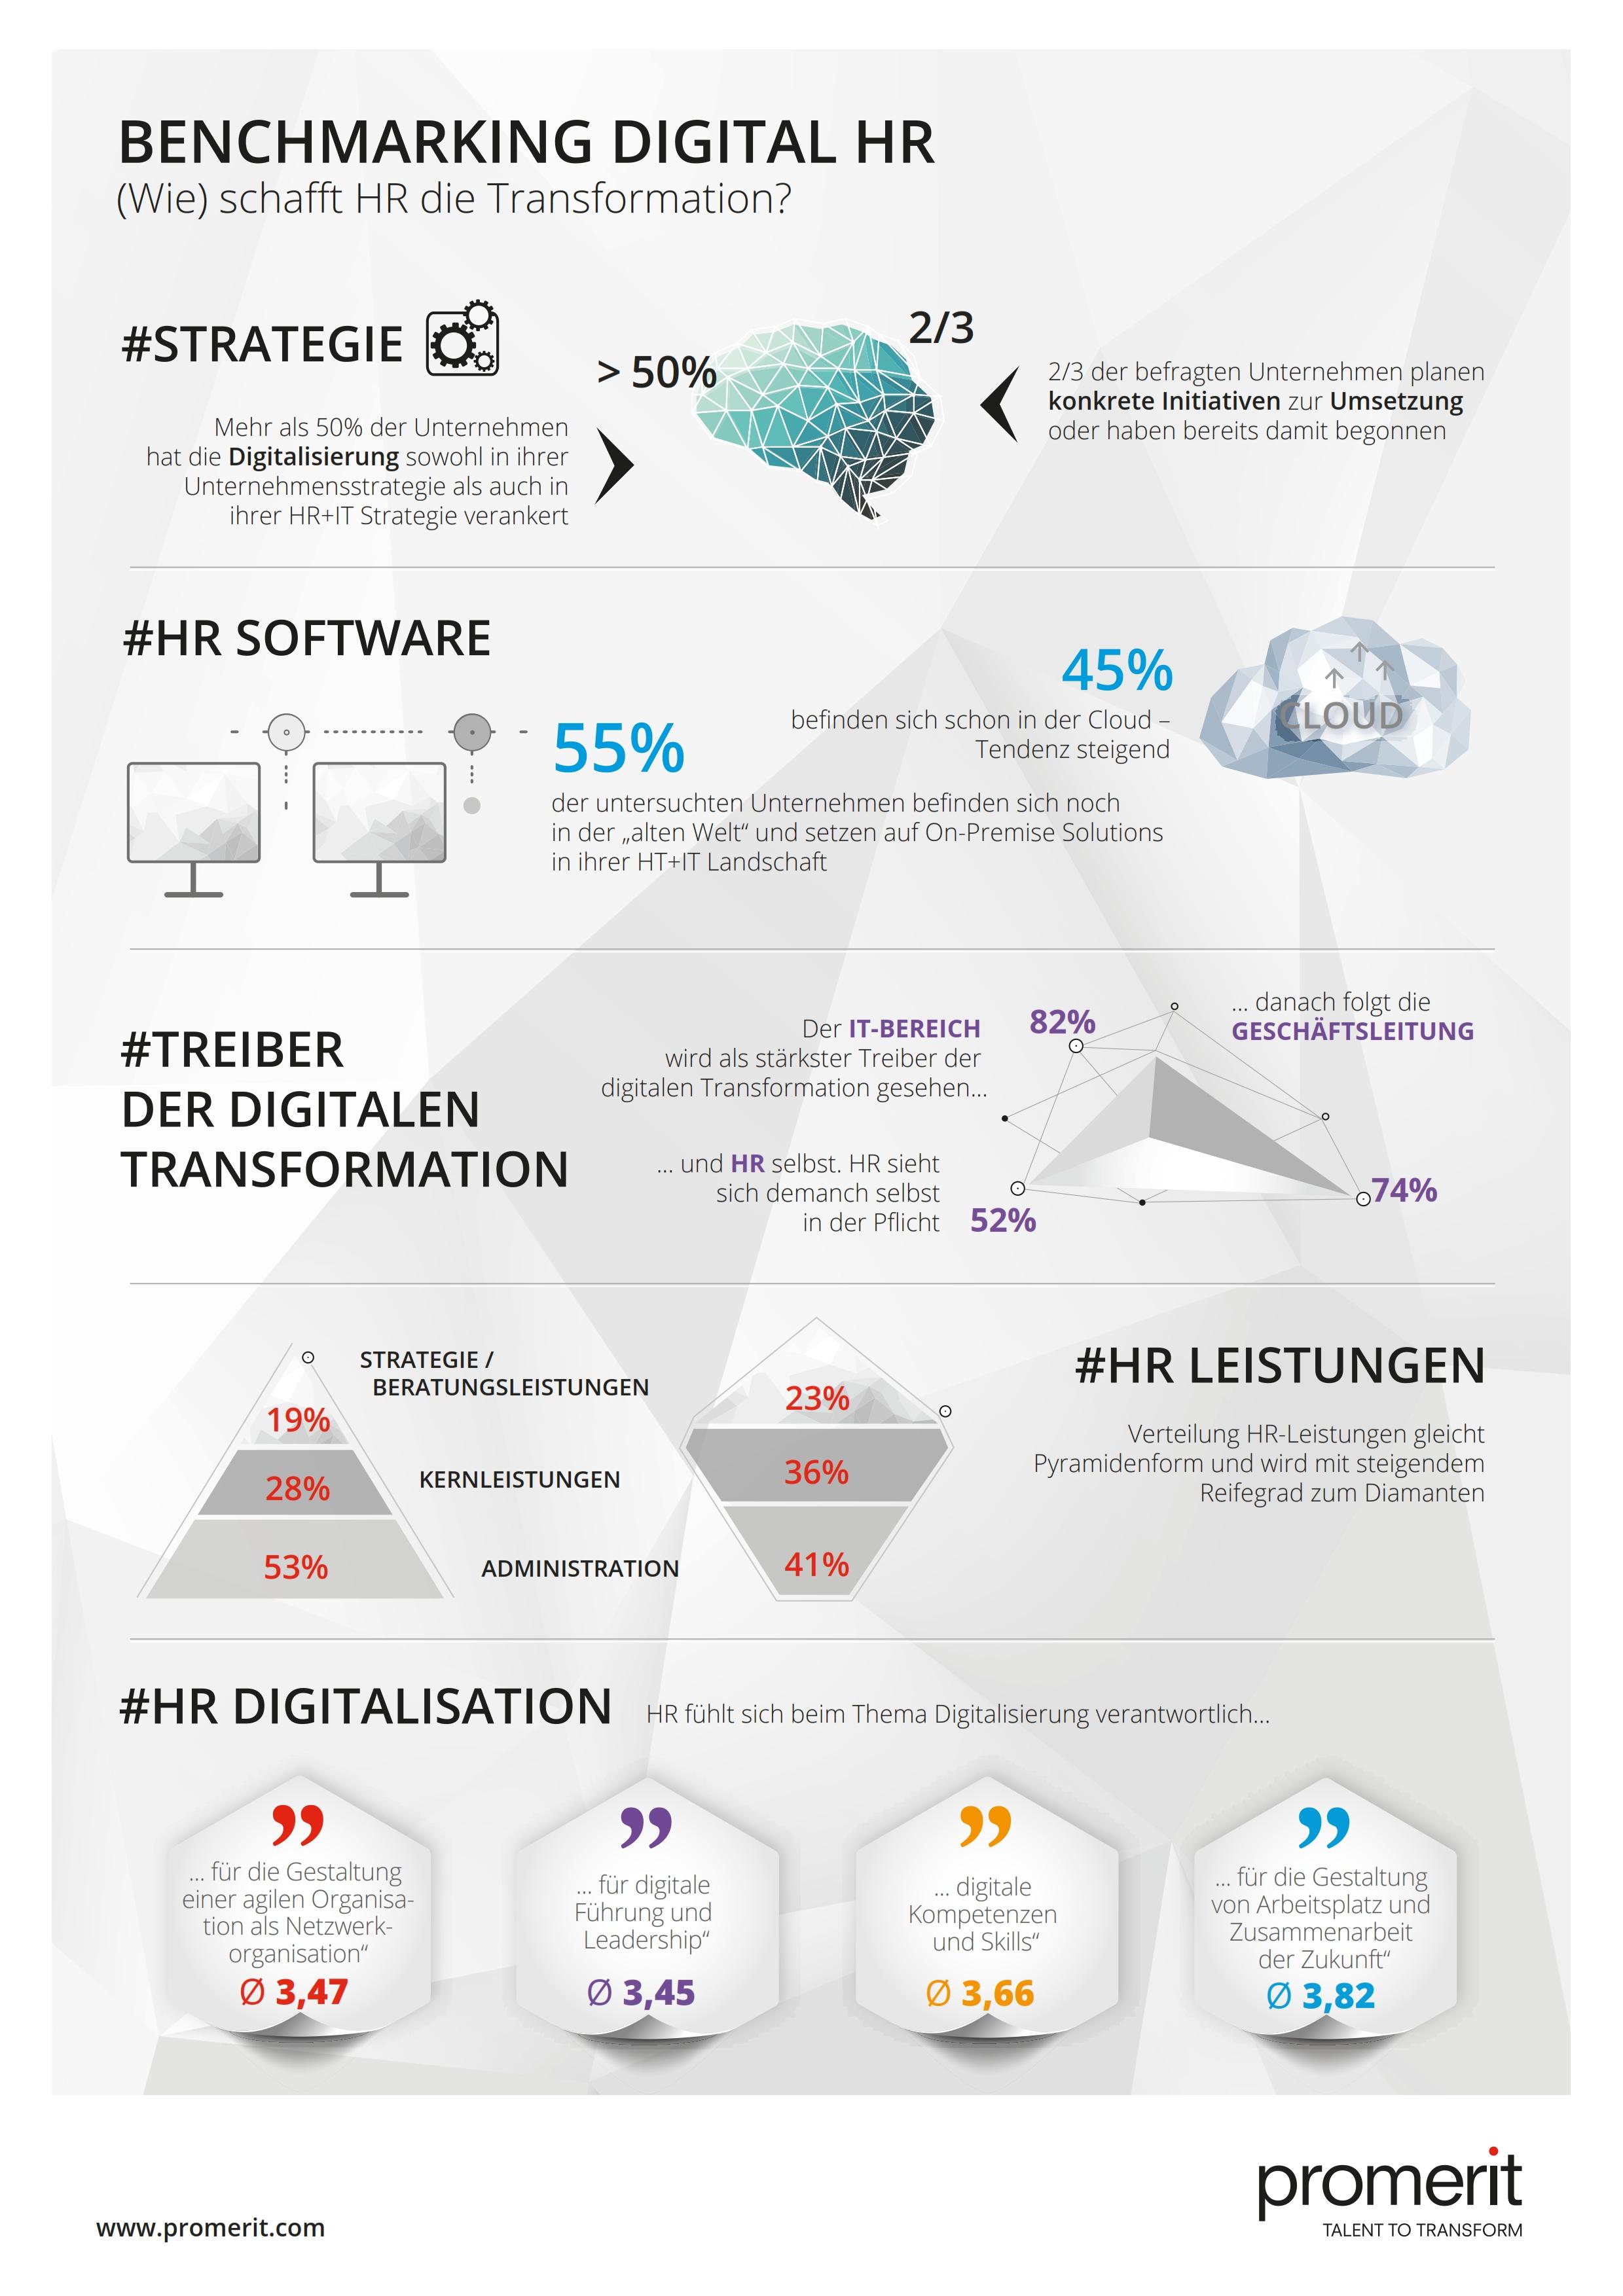 Digitalisierung und HR-Management: unerledigte Hausaufgaben